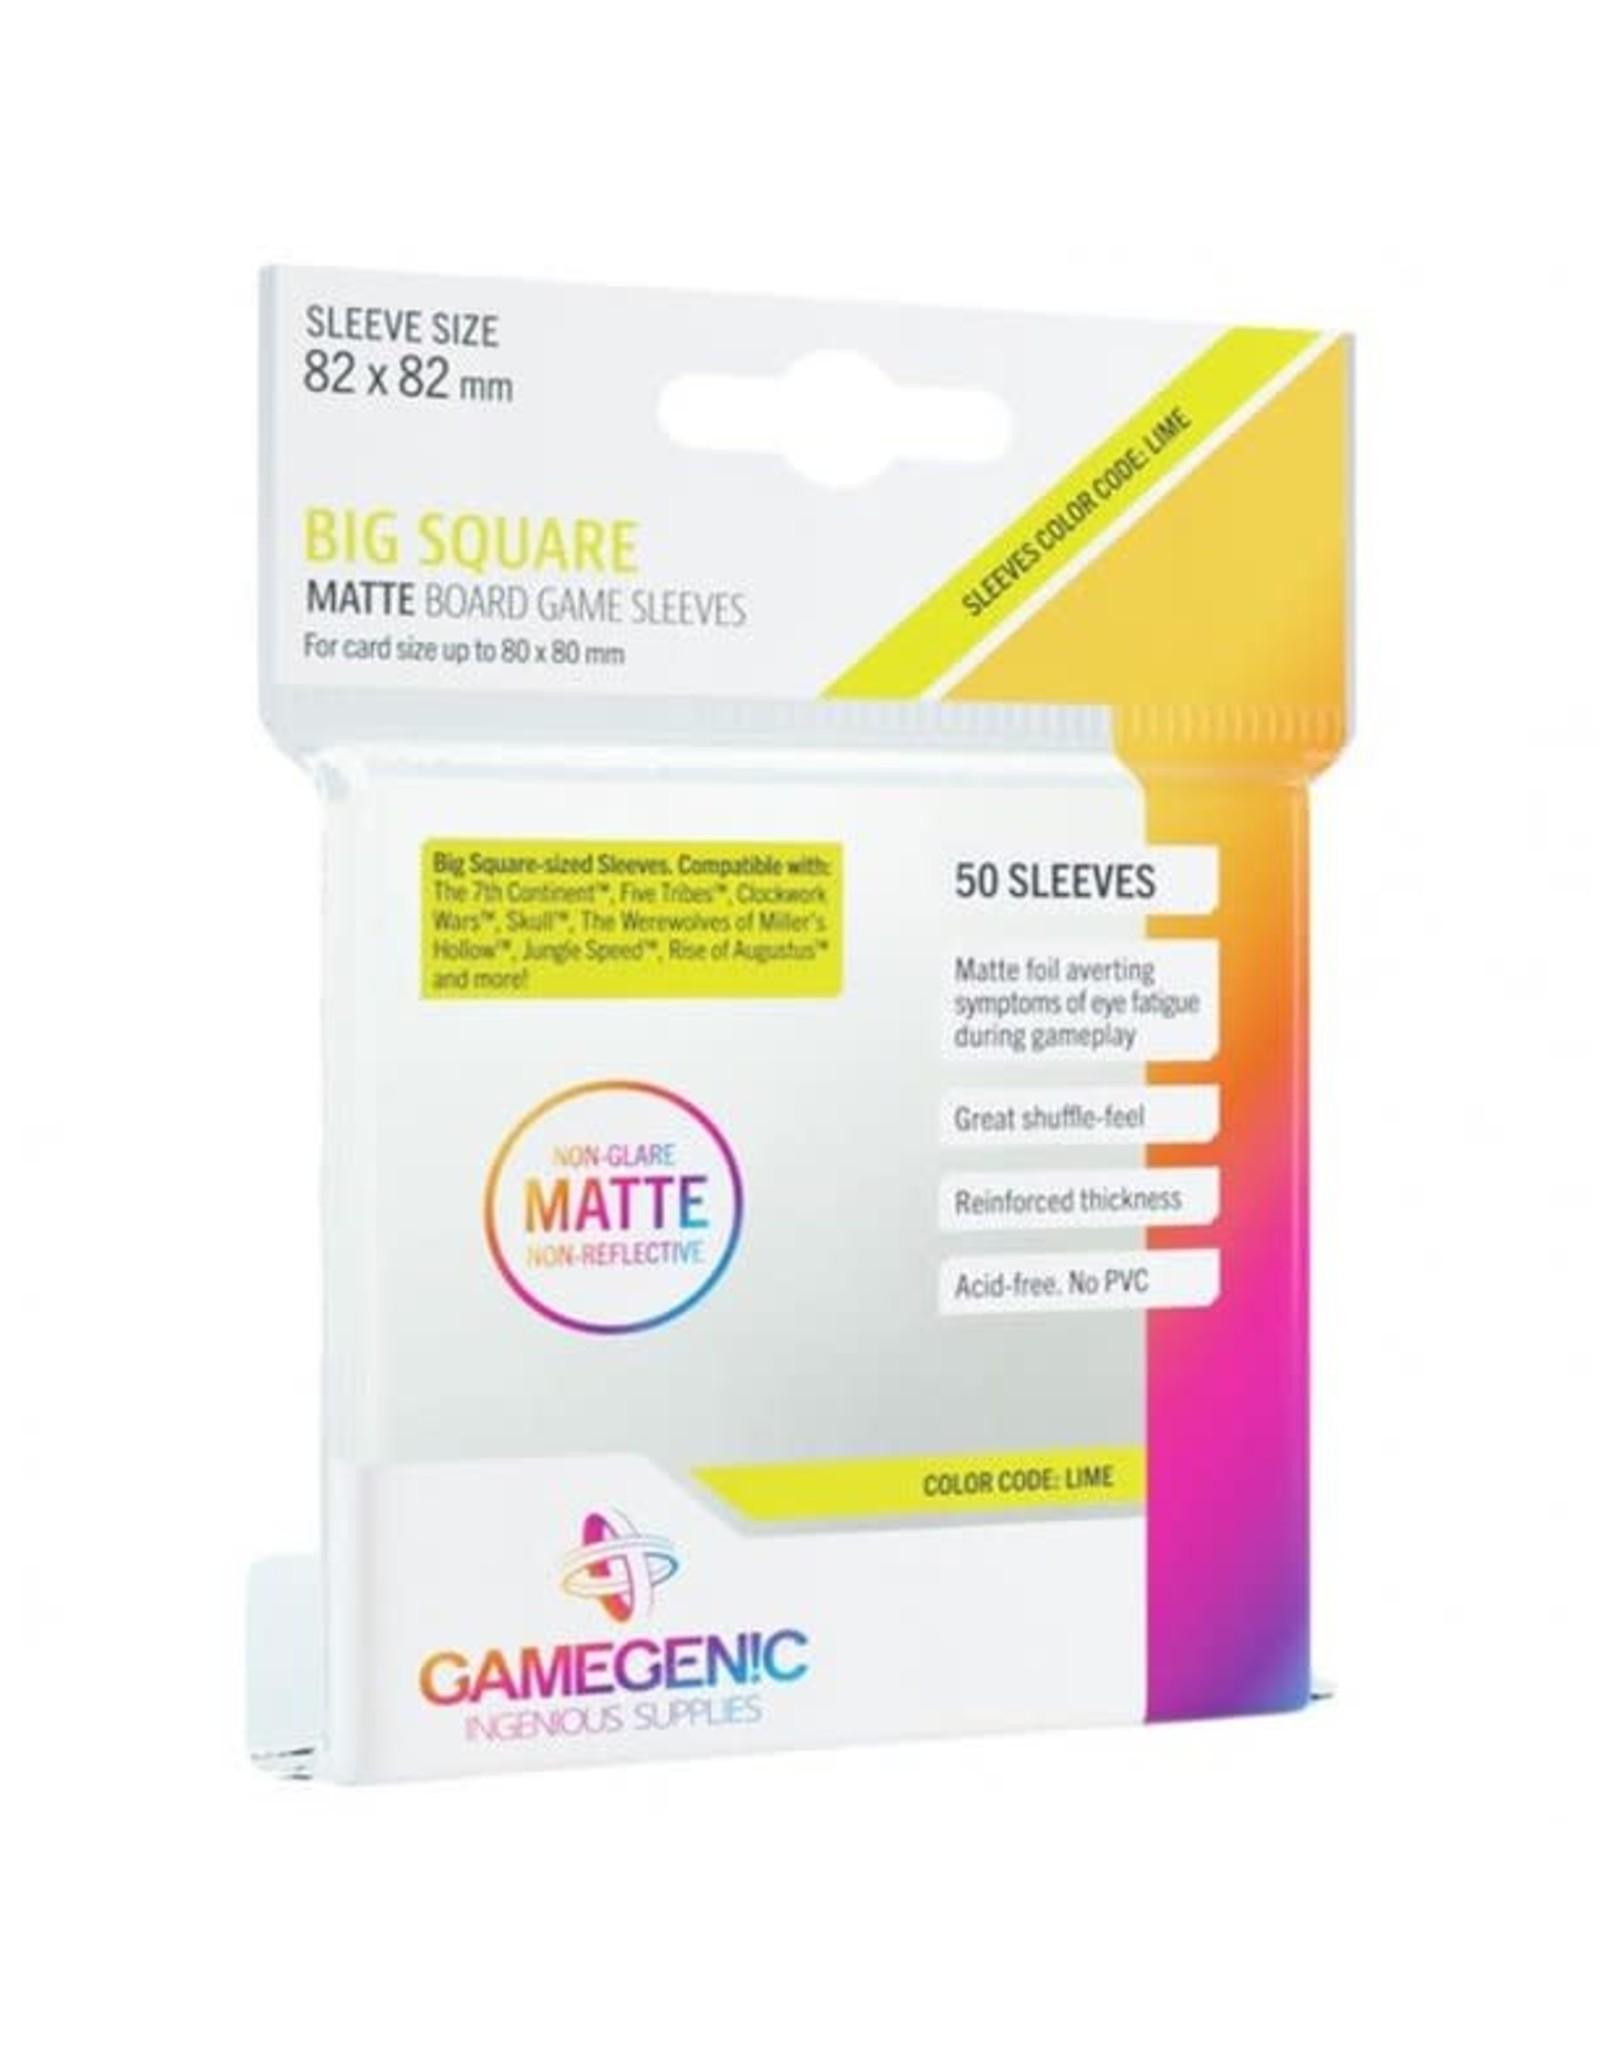 GAMEGEN!C GAMEGEN!C Prime Sleeves Big Square (82x82 Lime)